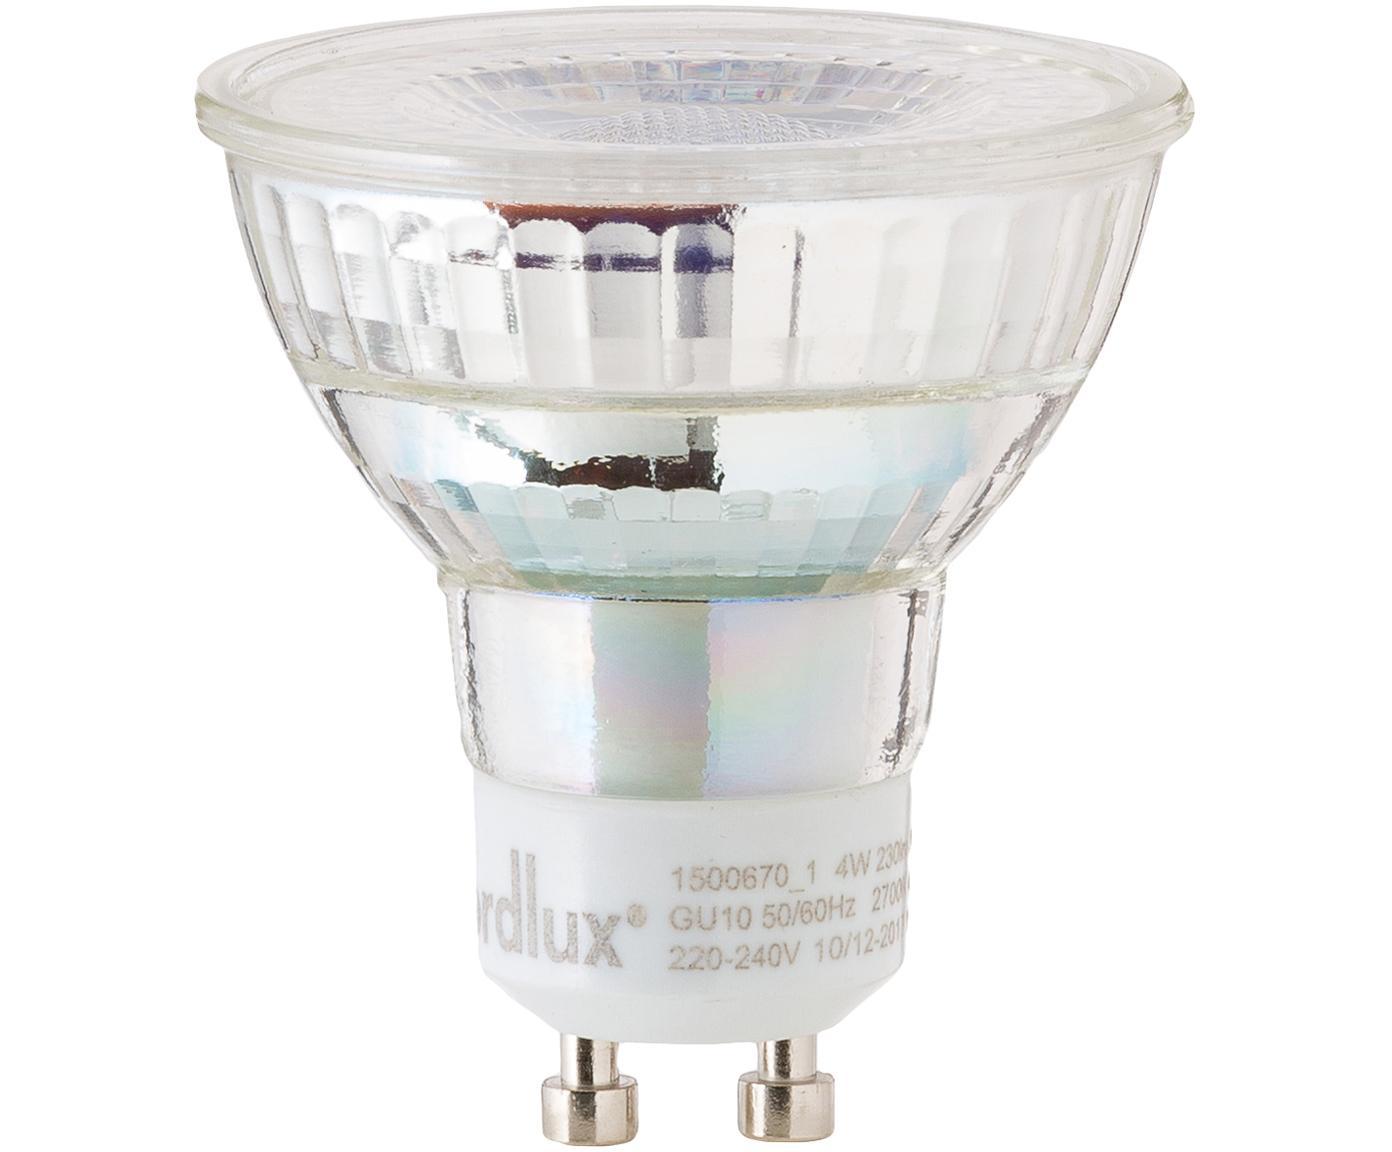 Żarówka LED Ferre (GU10 / 4 W), 5 szt., Transparentny, Ø 5 x W 6 cm